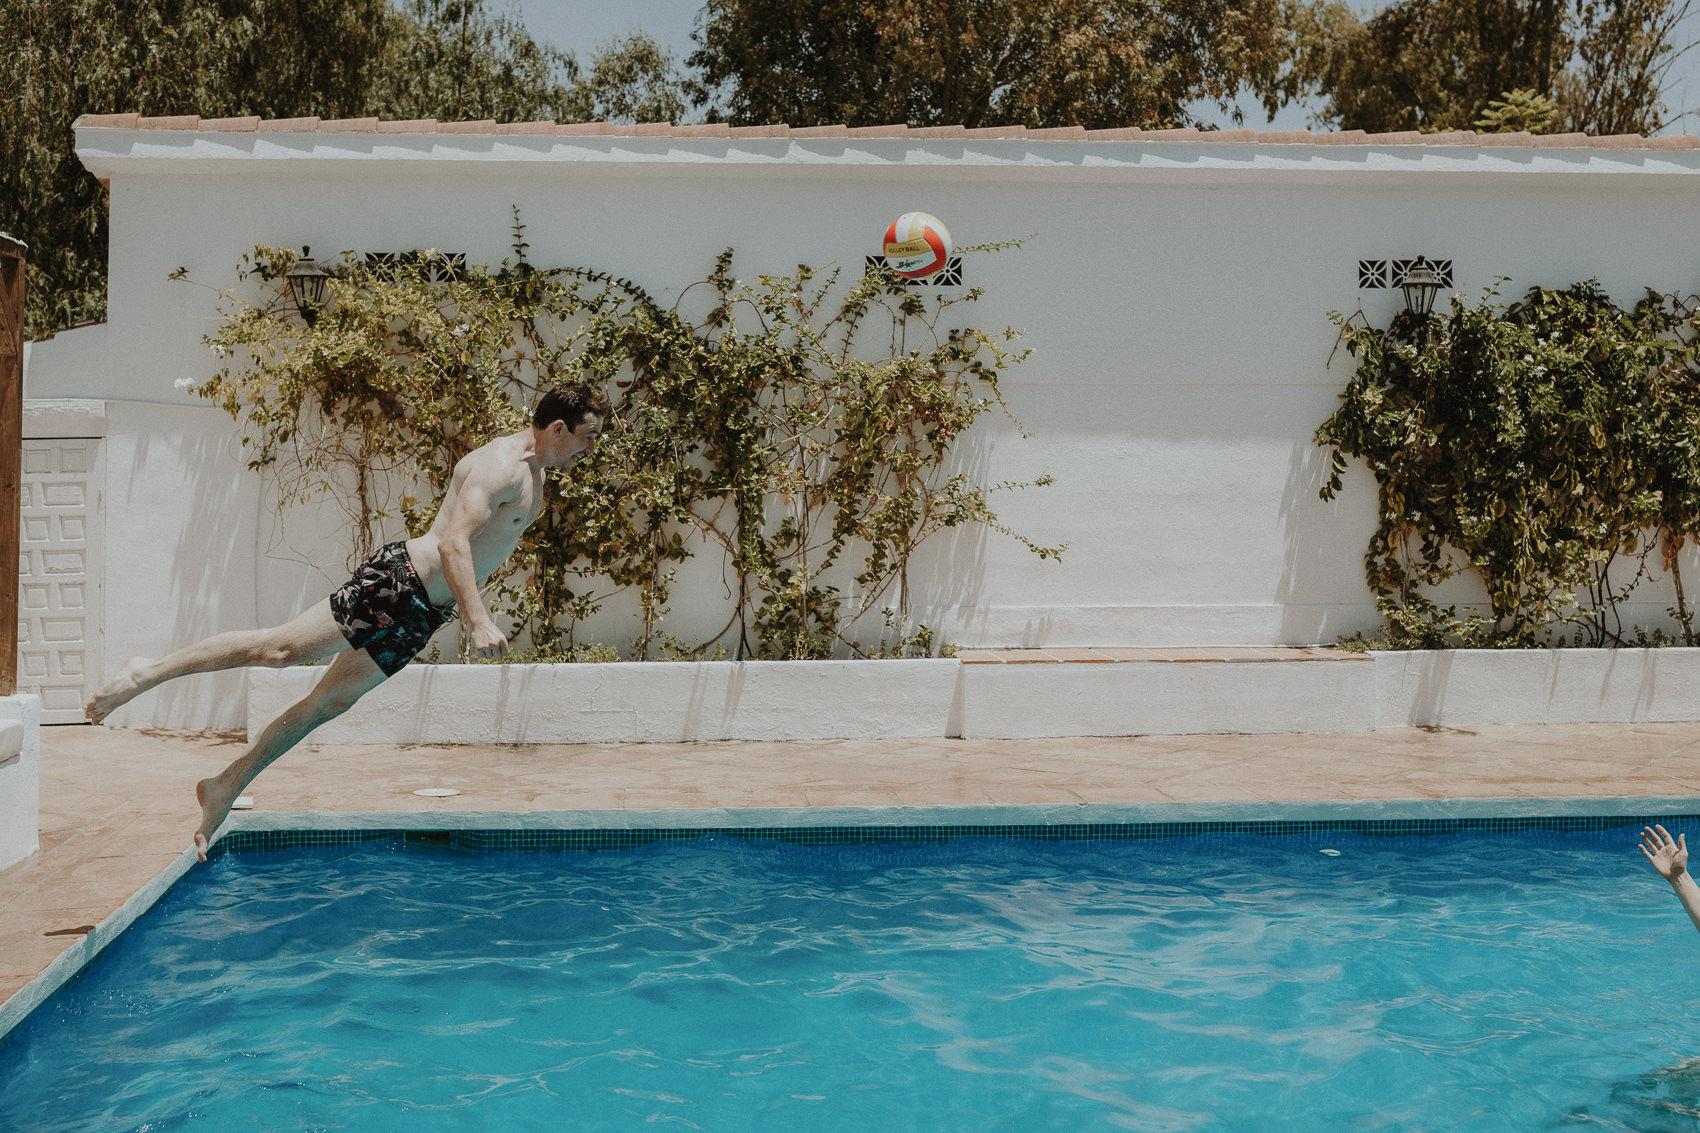 Sarah & Bill | Summer wedding at Cortijo Rosa Blanca | Marbella - Spain 25